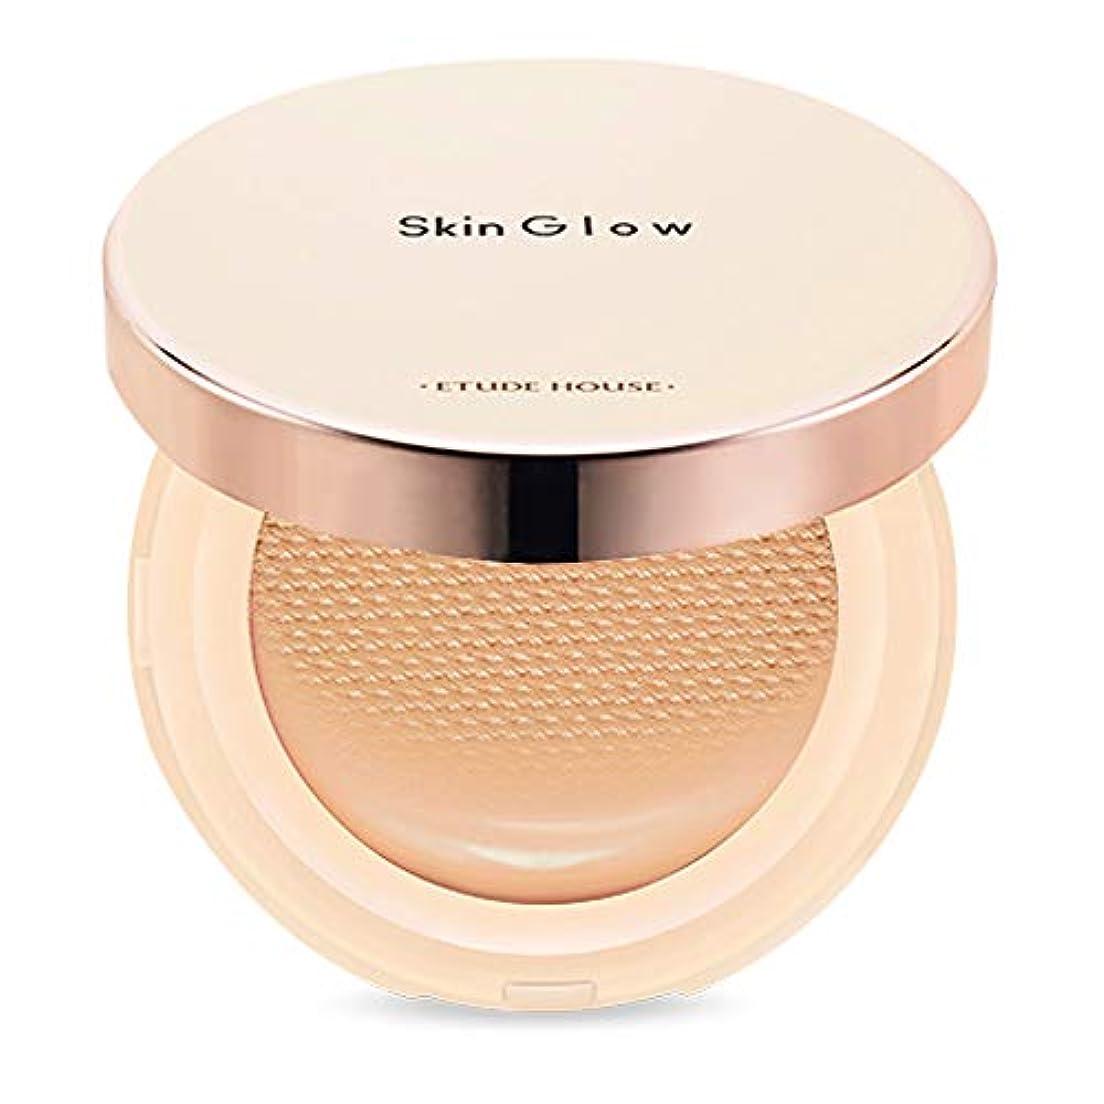 神話速度アラバマEtude House Skin Glow Essence Cushion SPF50+/PA++++ エチュードハウス スキン グロー エッセンス クッション (# N05 Sand) [並行輸入品]